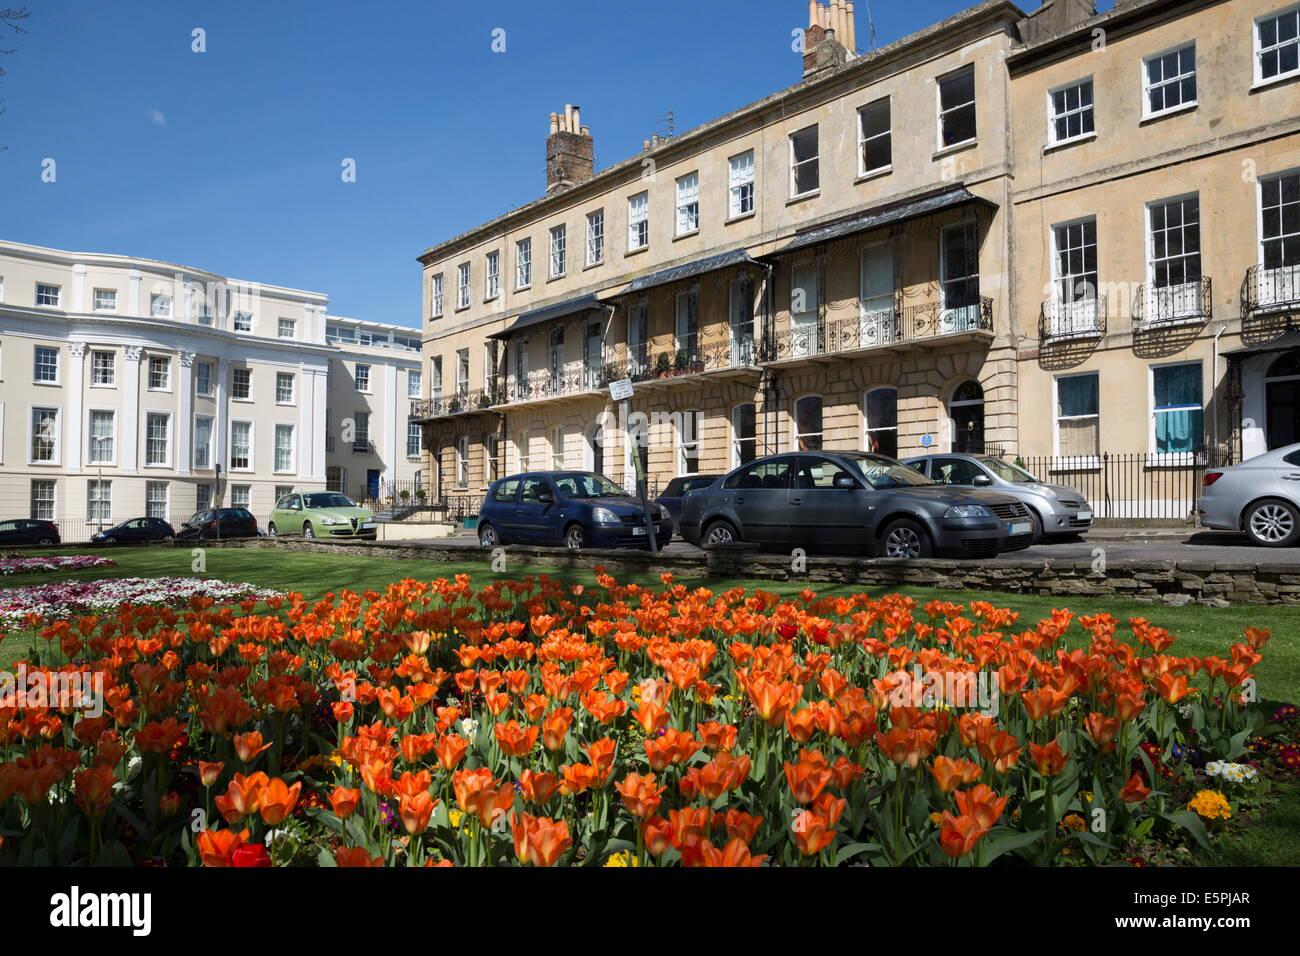 Priory Parade, Regency style houses with spring tulips, Cheltenham, Gloucestershire, England, United Kingdom, Europe - Stock Image